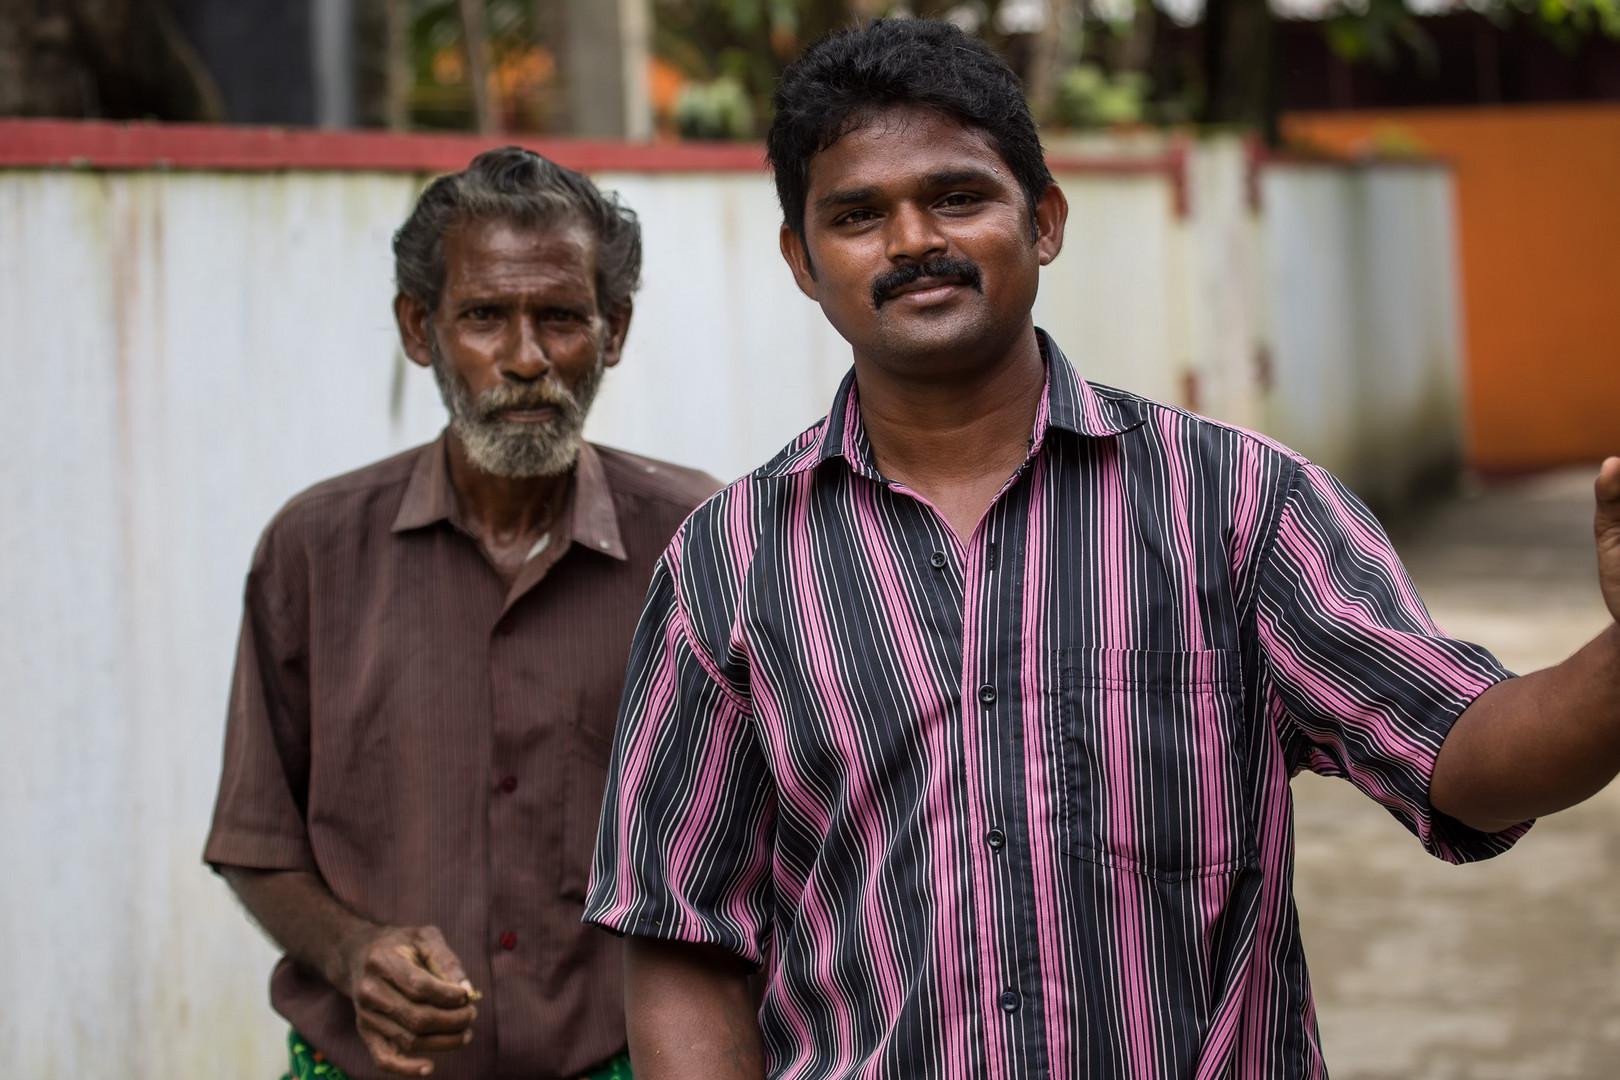 Les Indiens du Sud aiment être photographiés : ici deux éboueurs